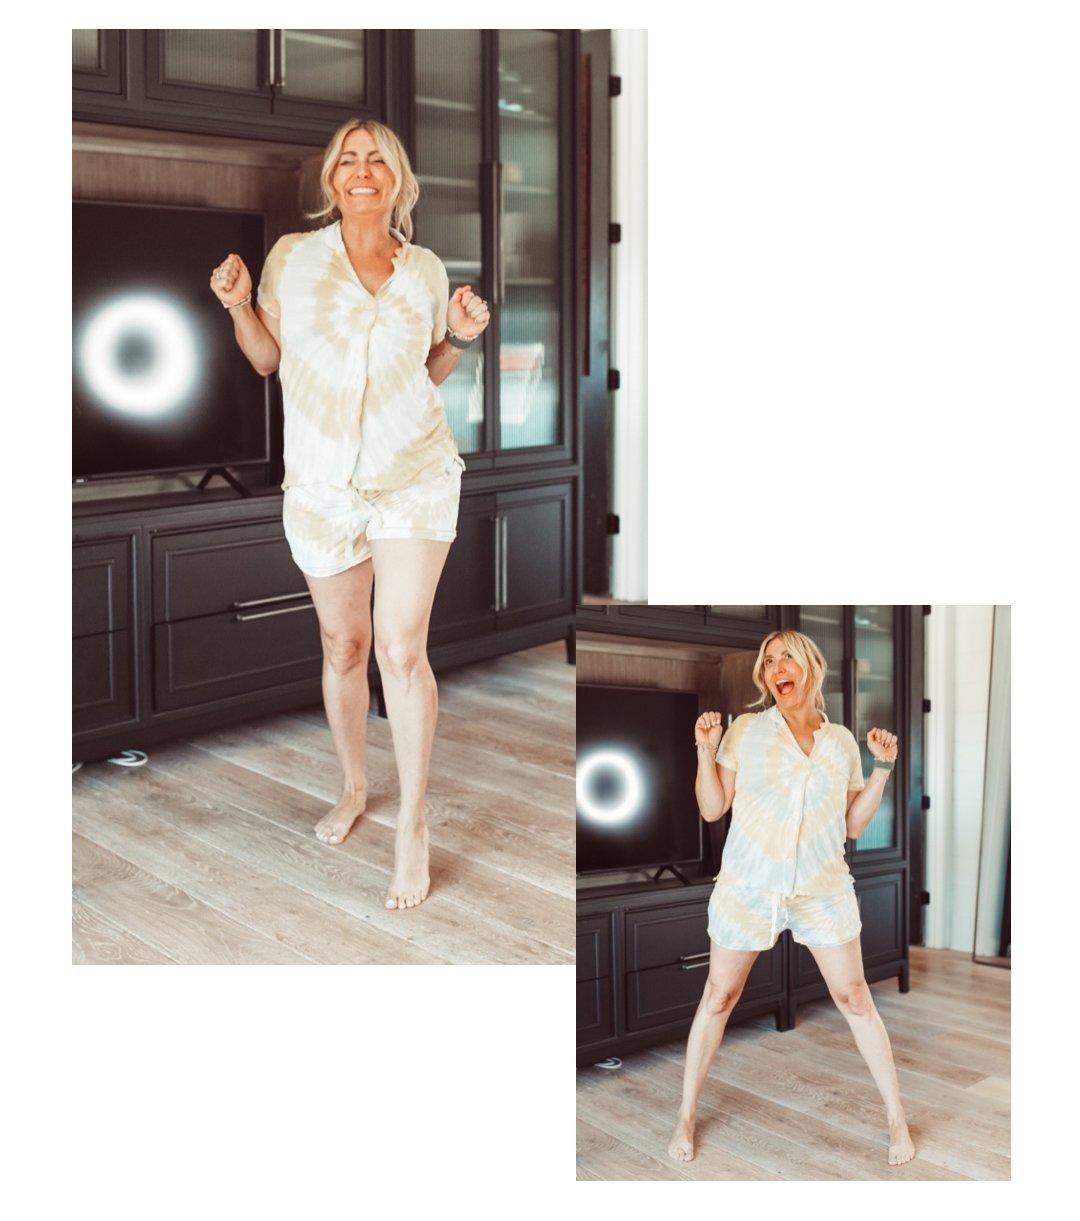 woman dancing in pajamas